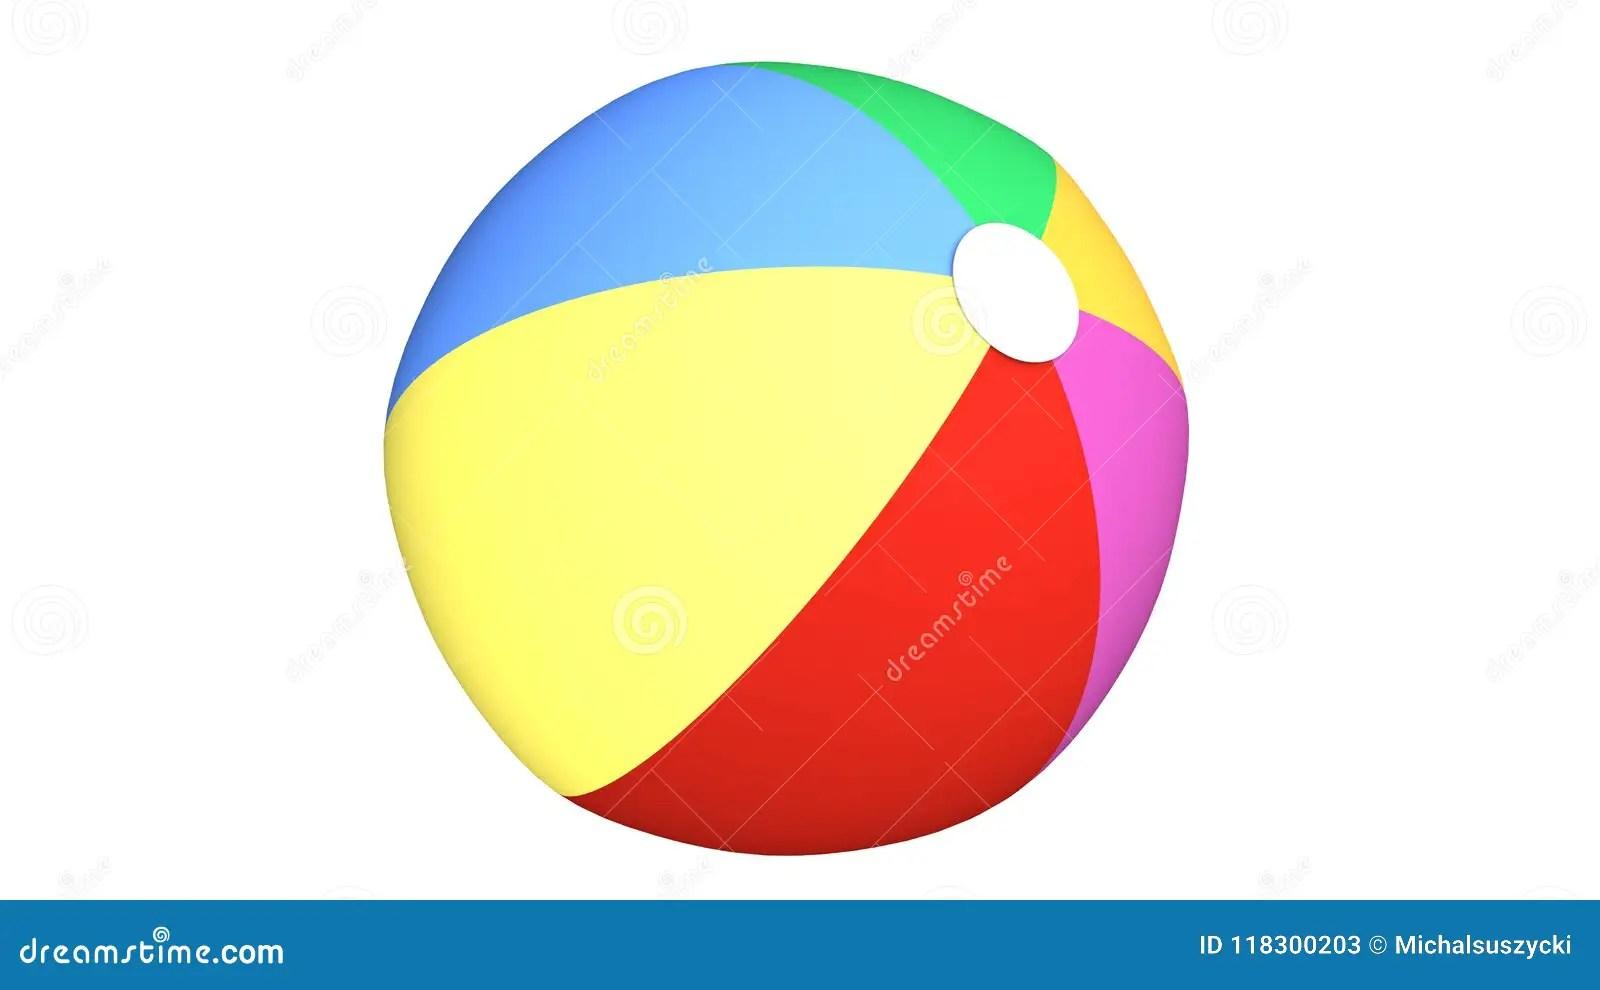 hight resolution of beach ball clipart